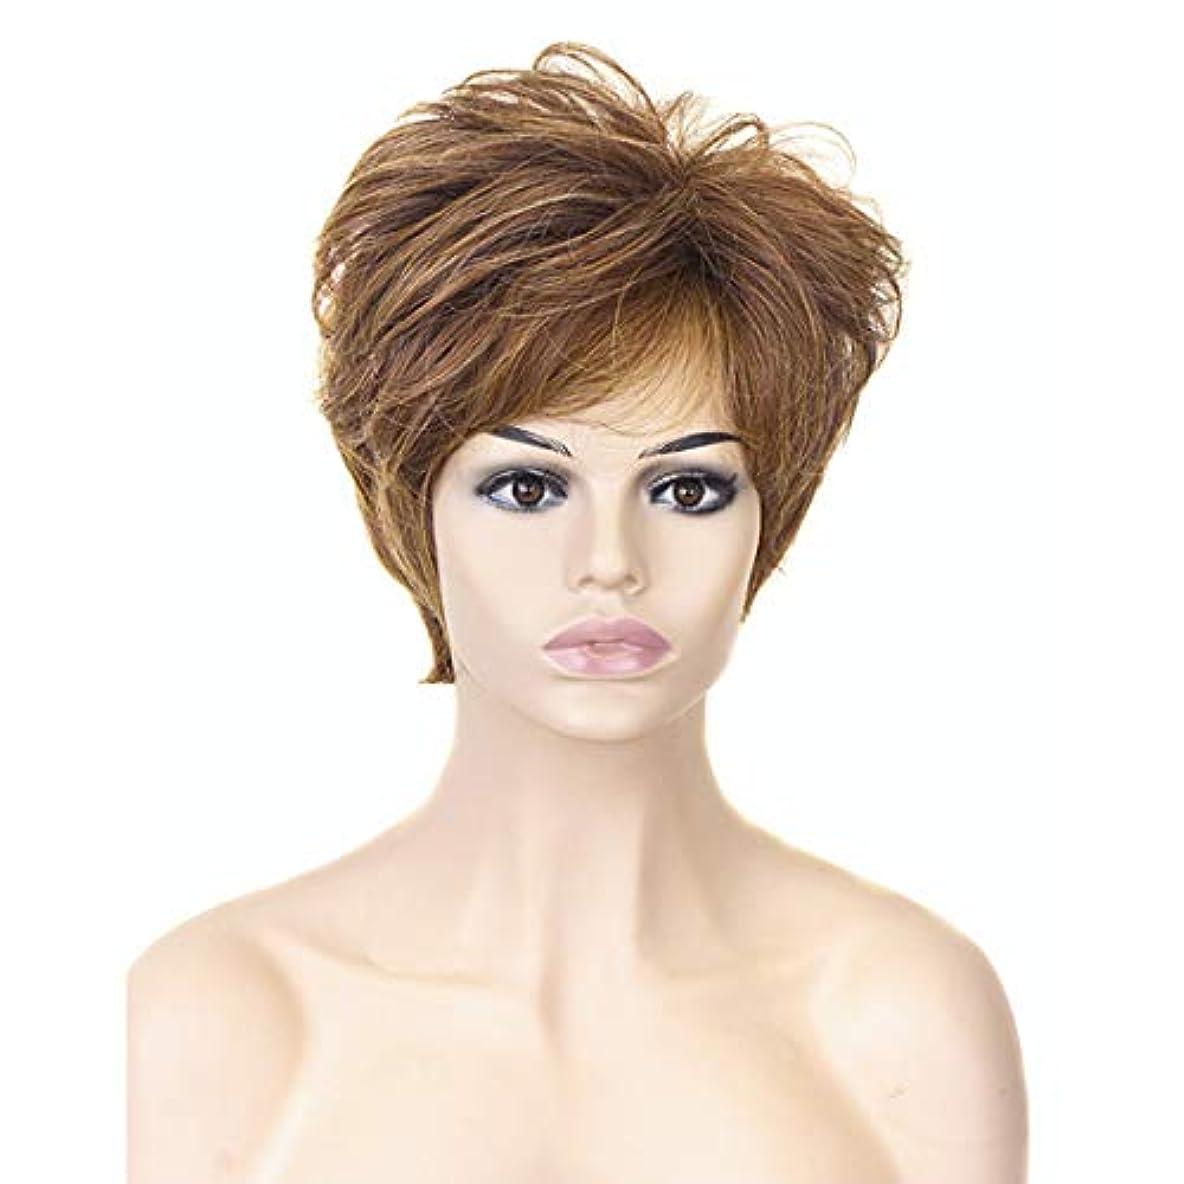 重荷受信機キモいYOUQIU 女性の耐熱ウィッグナチュラルヘアウィッグのためのブロンド10